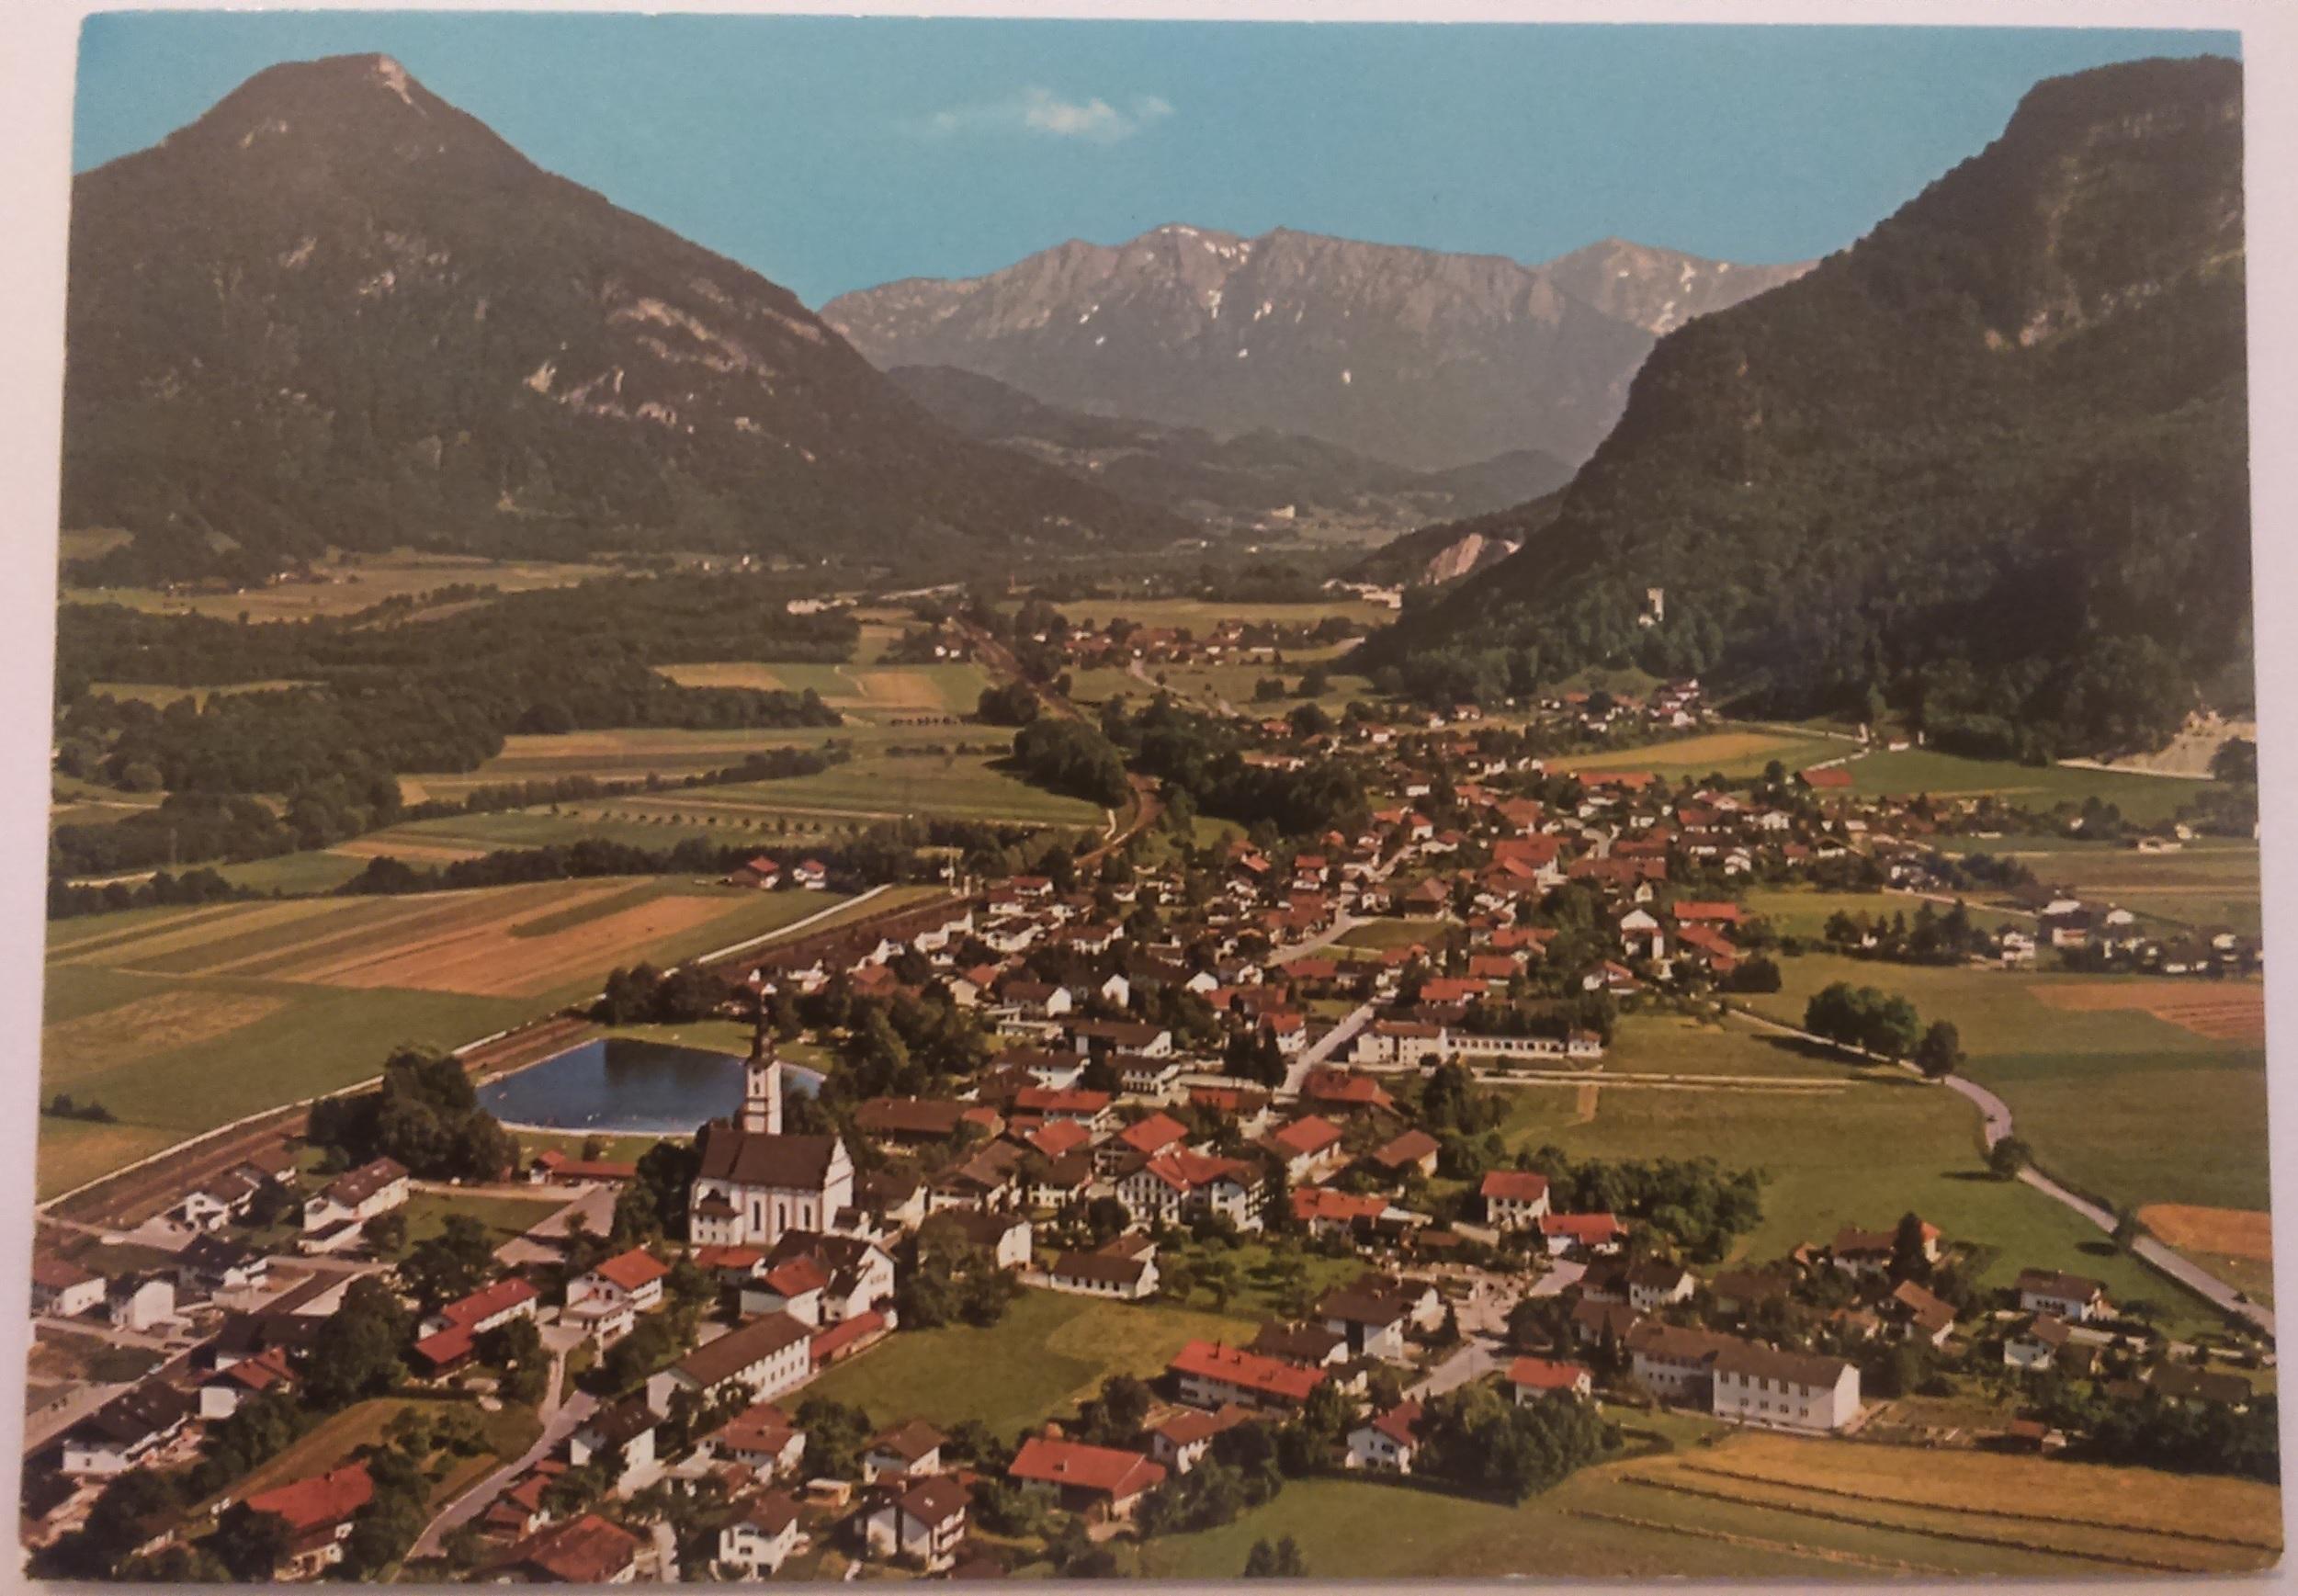 Flintsbach am Inn Luftkurort mit Kaisergebirge Bayerisches Inntal (10.07.1984) front